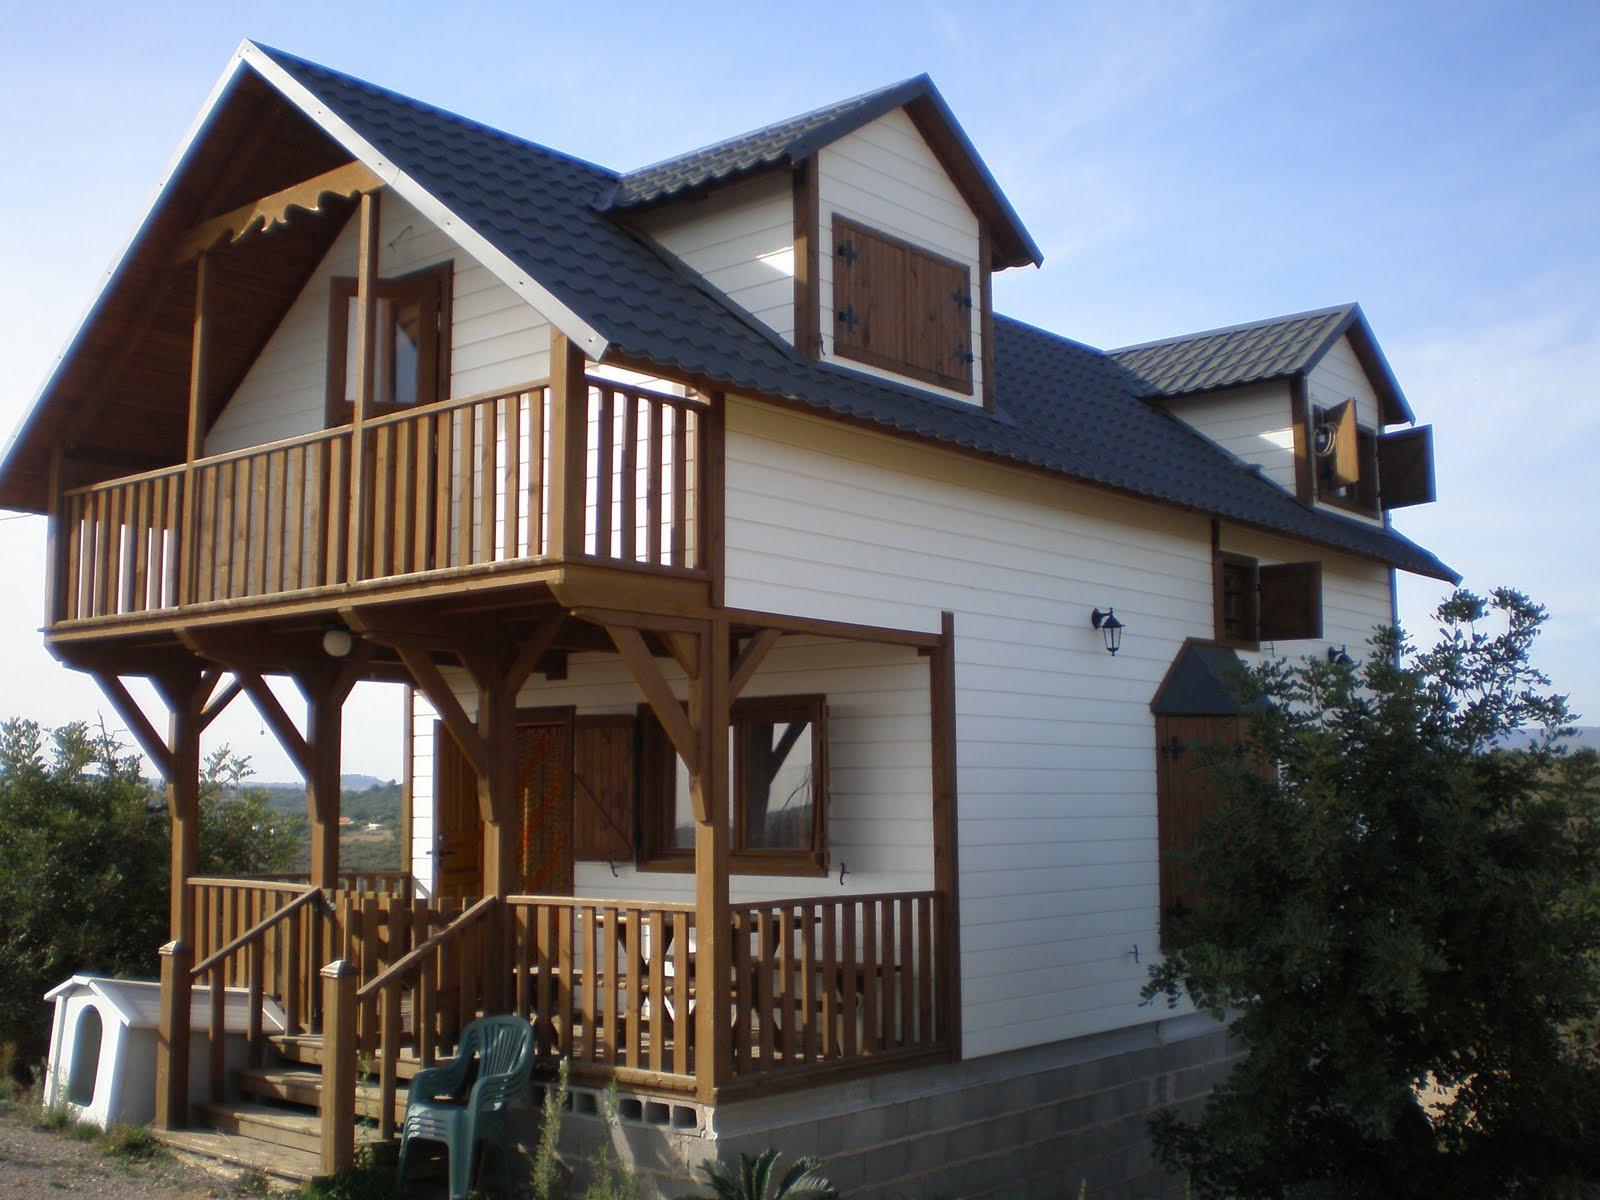 Venta de viviendas y parcelas de particulares venta de - Terreno con casa ...